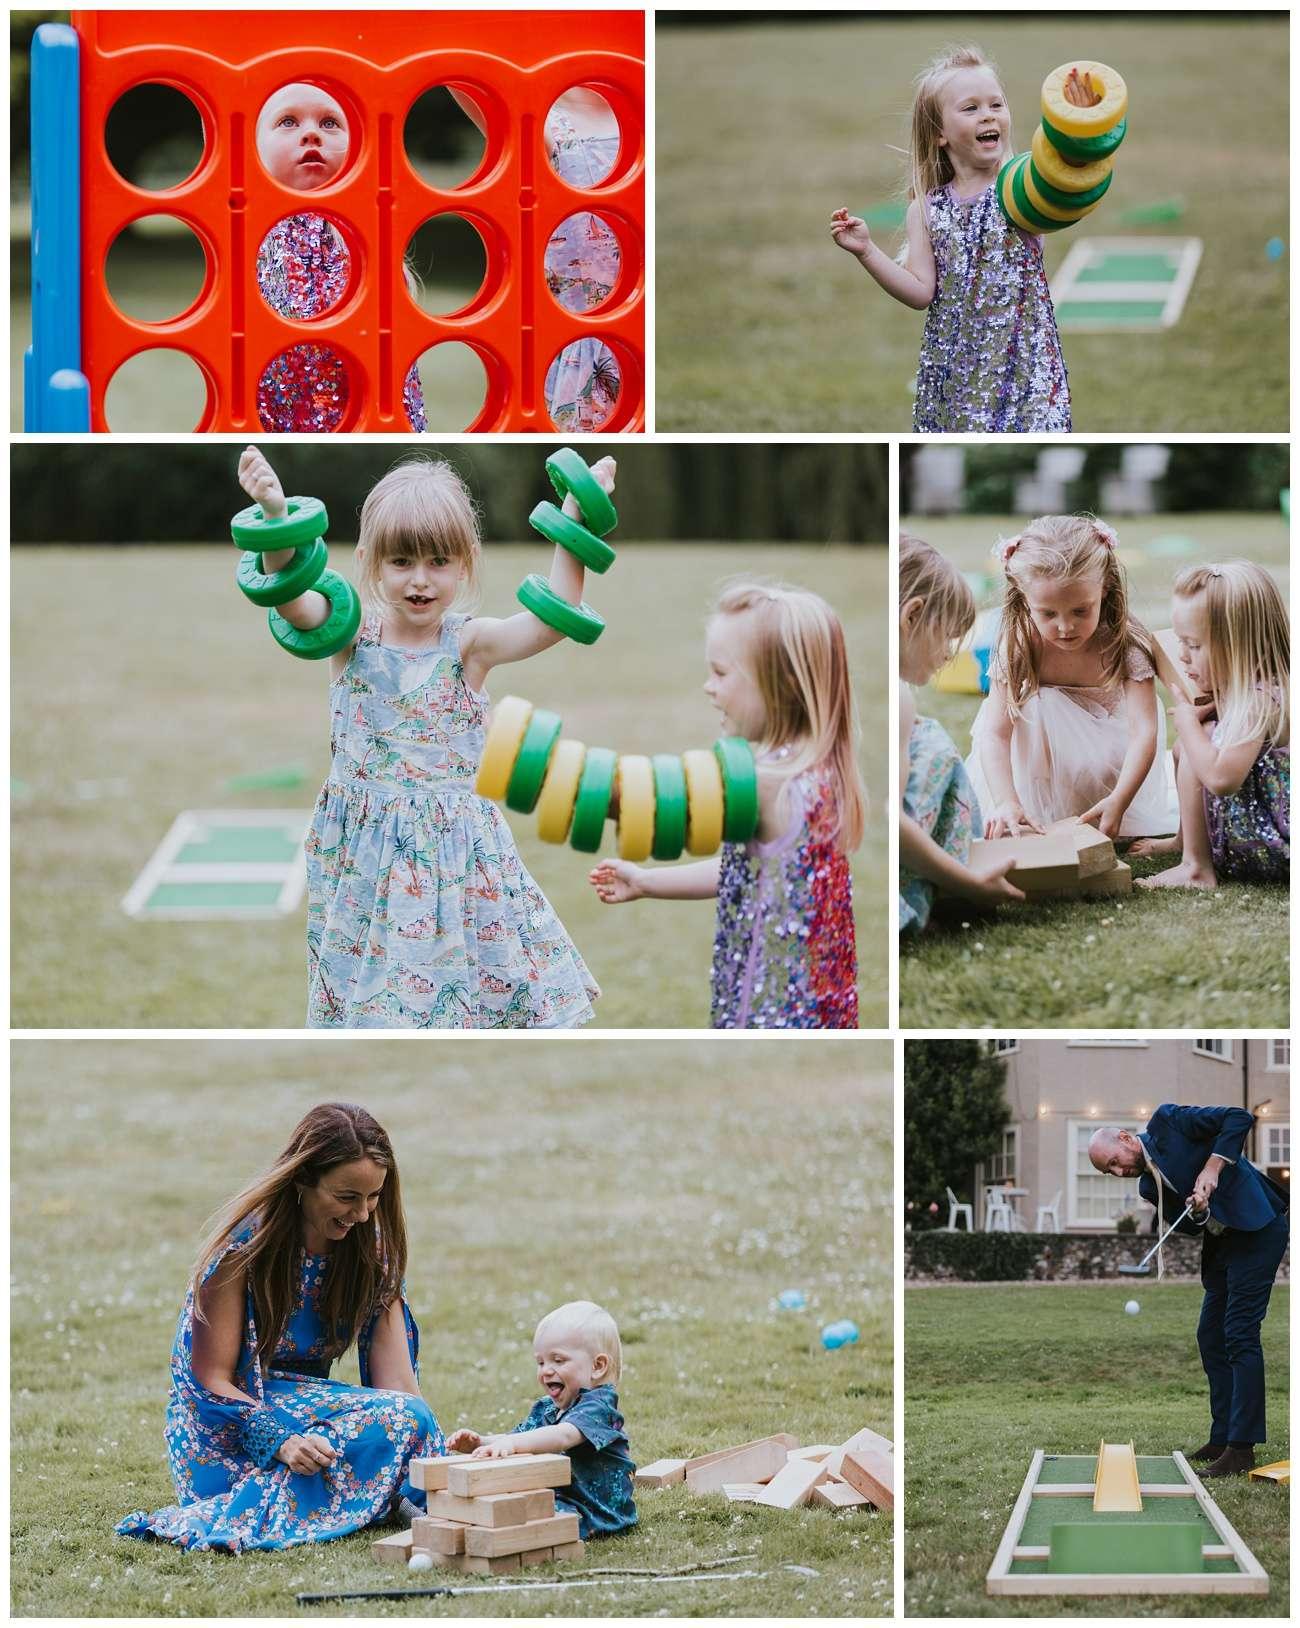 Children play lawn games